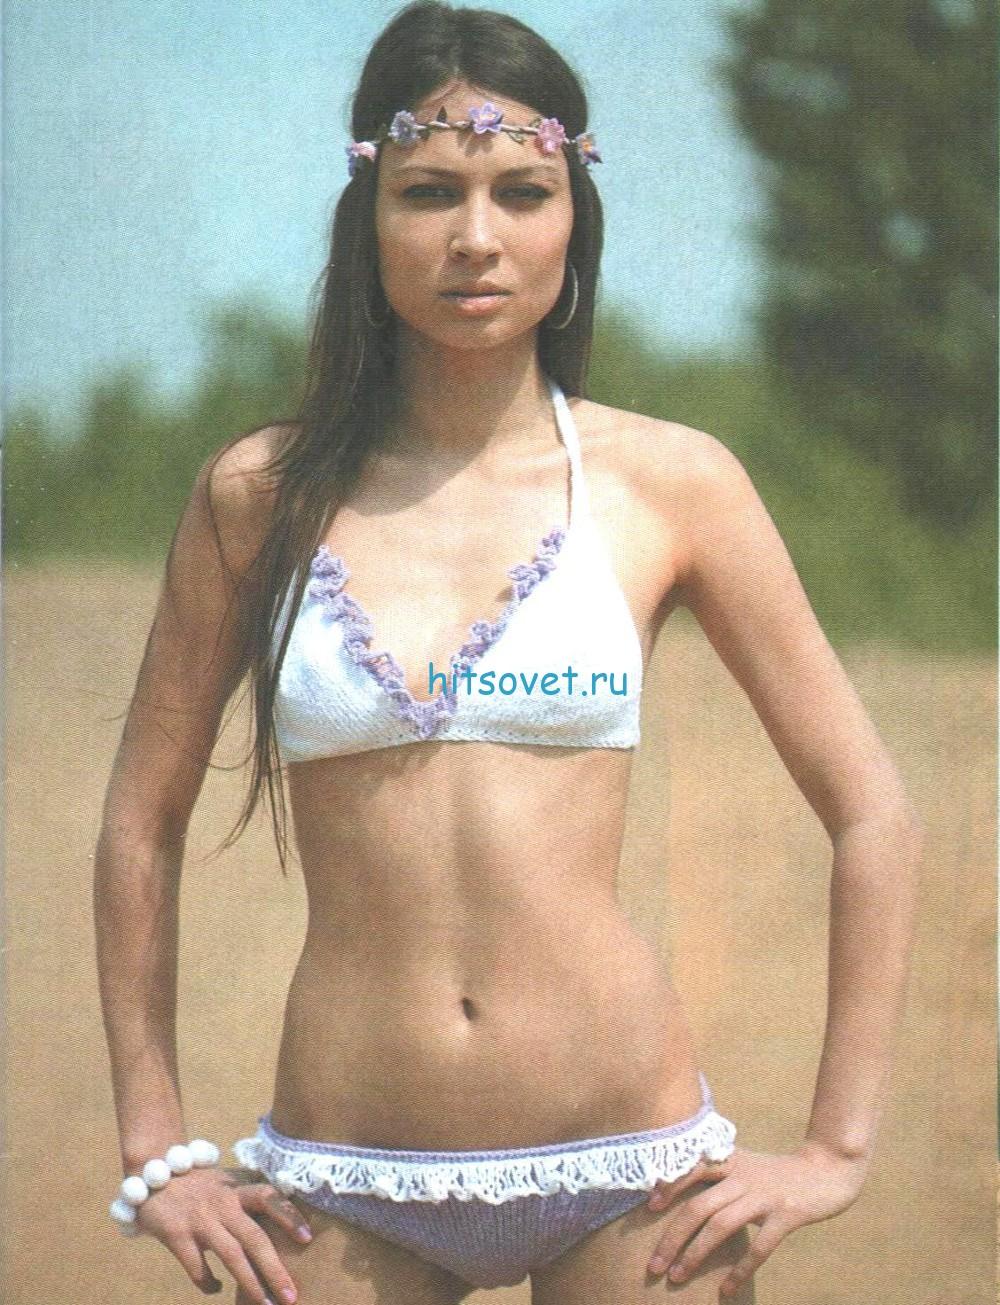 Модный вязаный купальник, фото 2.